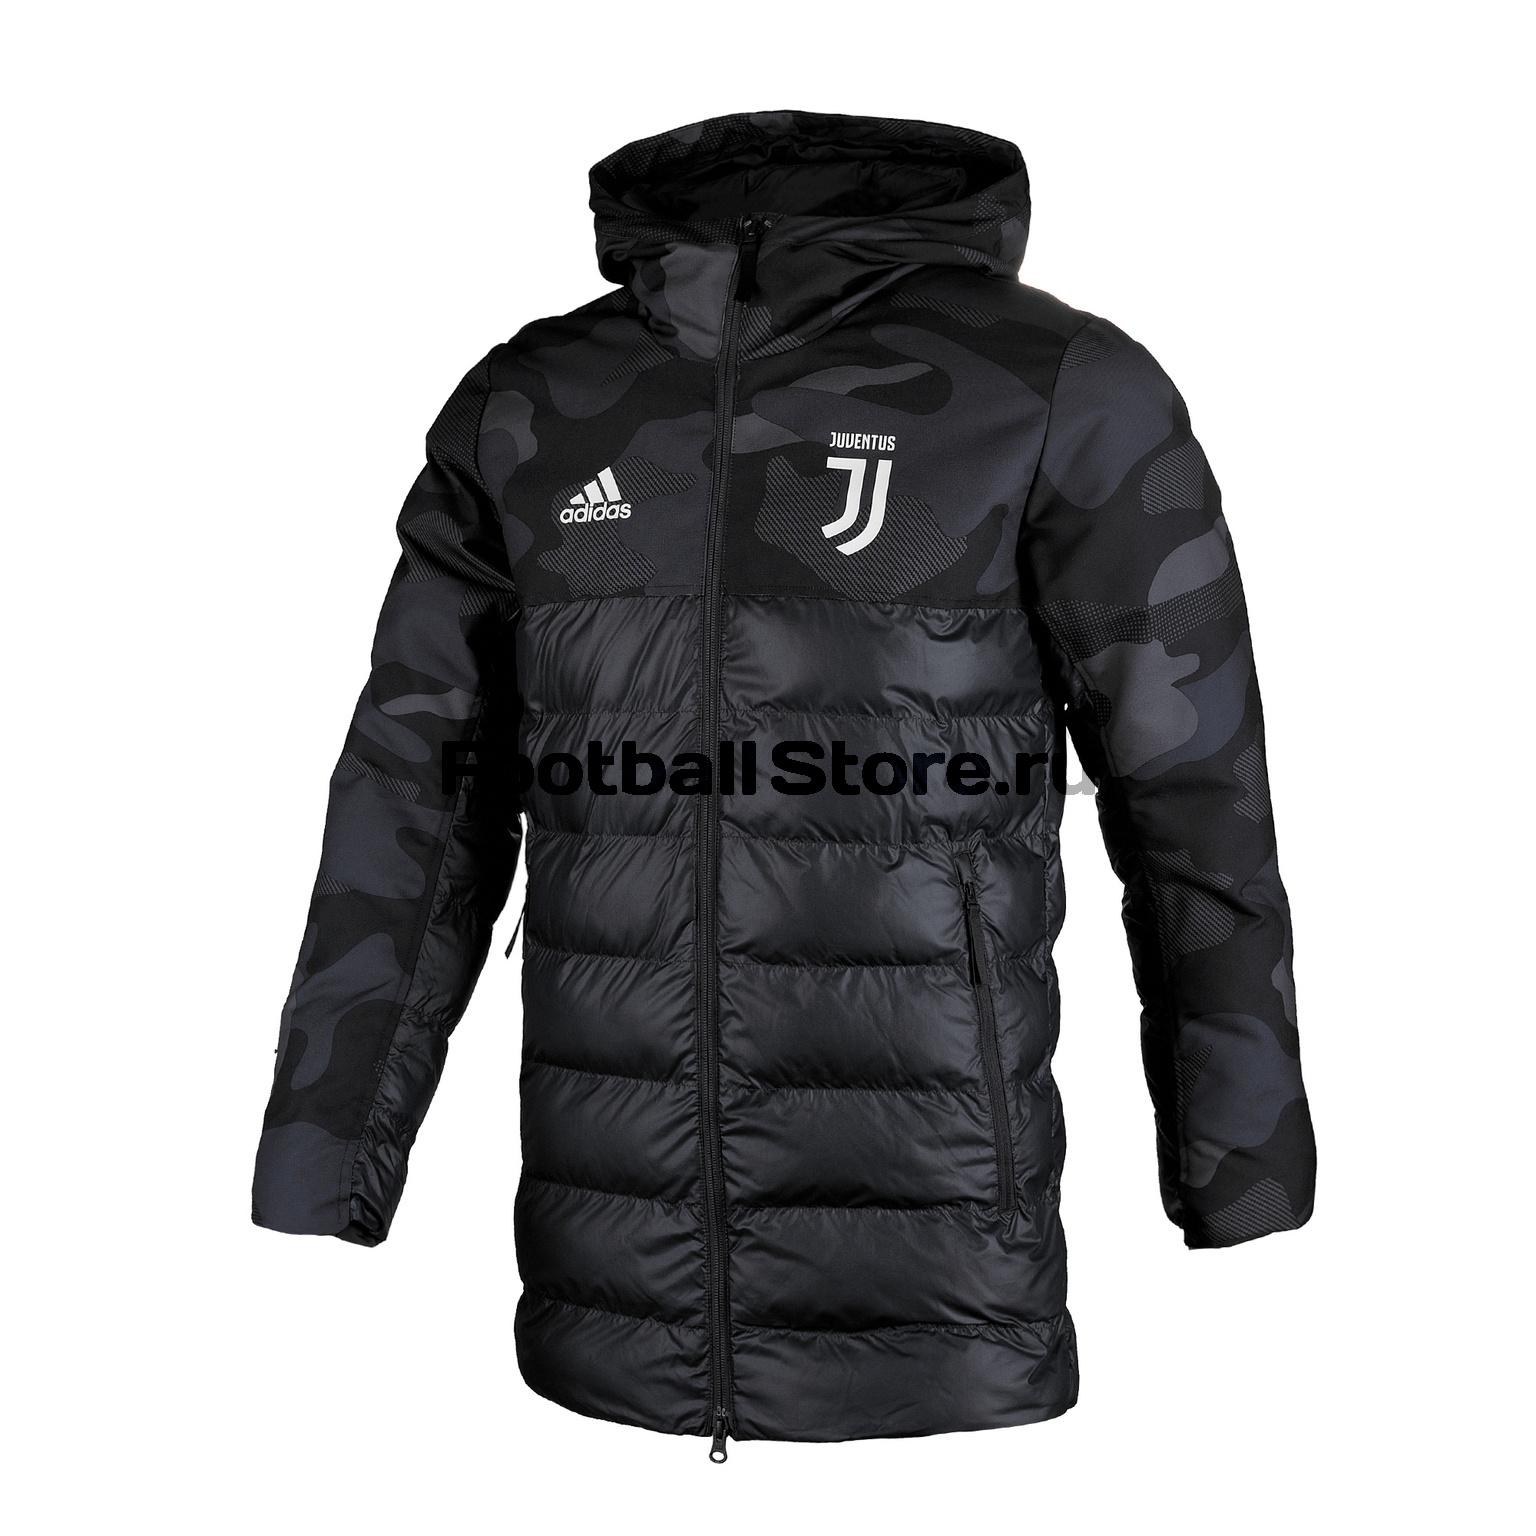 купить Куртка утепленная Adidas Juventus DX9202 дешево